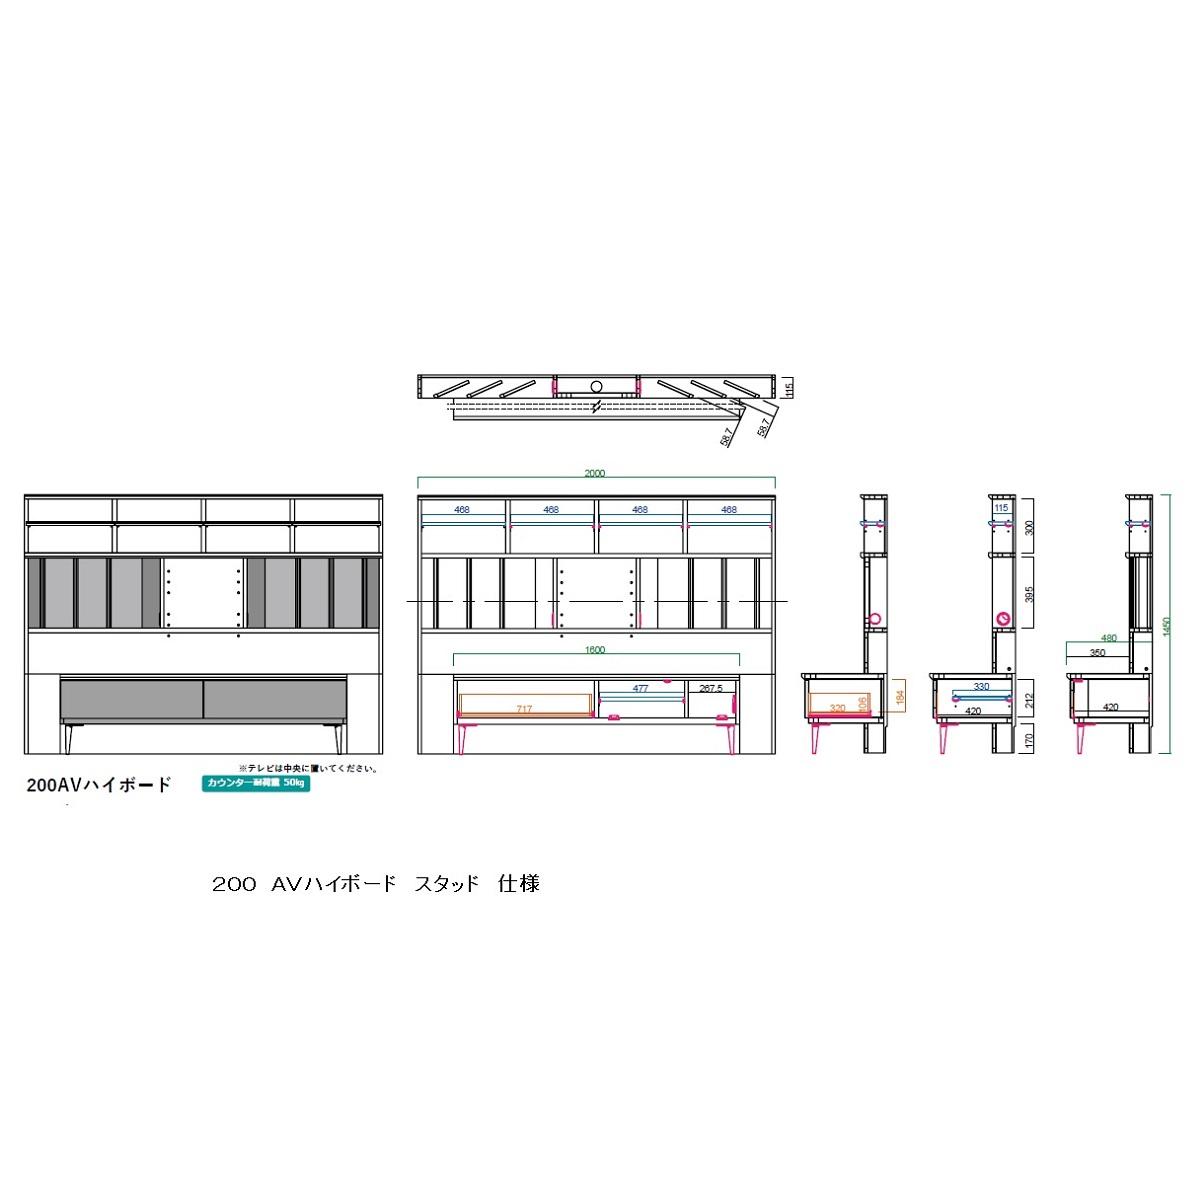 モーブル製 200AVハイボード スタッド2色対応(OK-NA/WN)前板:MDF・強化シート・オーク/ウォールナット突板3mm透明ガラスシルク印刷入フルオープンレール付・天然石開梱設置送料無料 北海道・沖縄・離島は見積もり